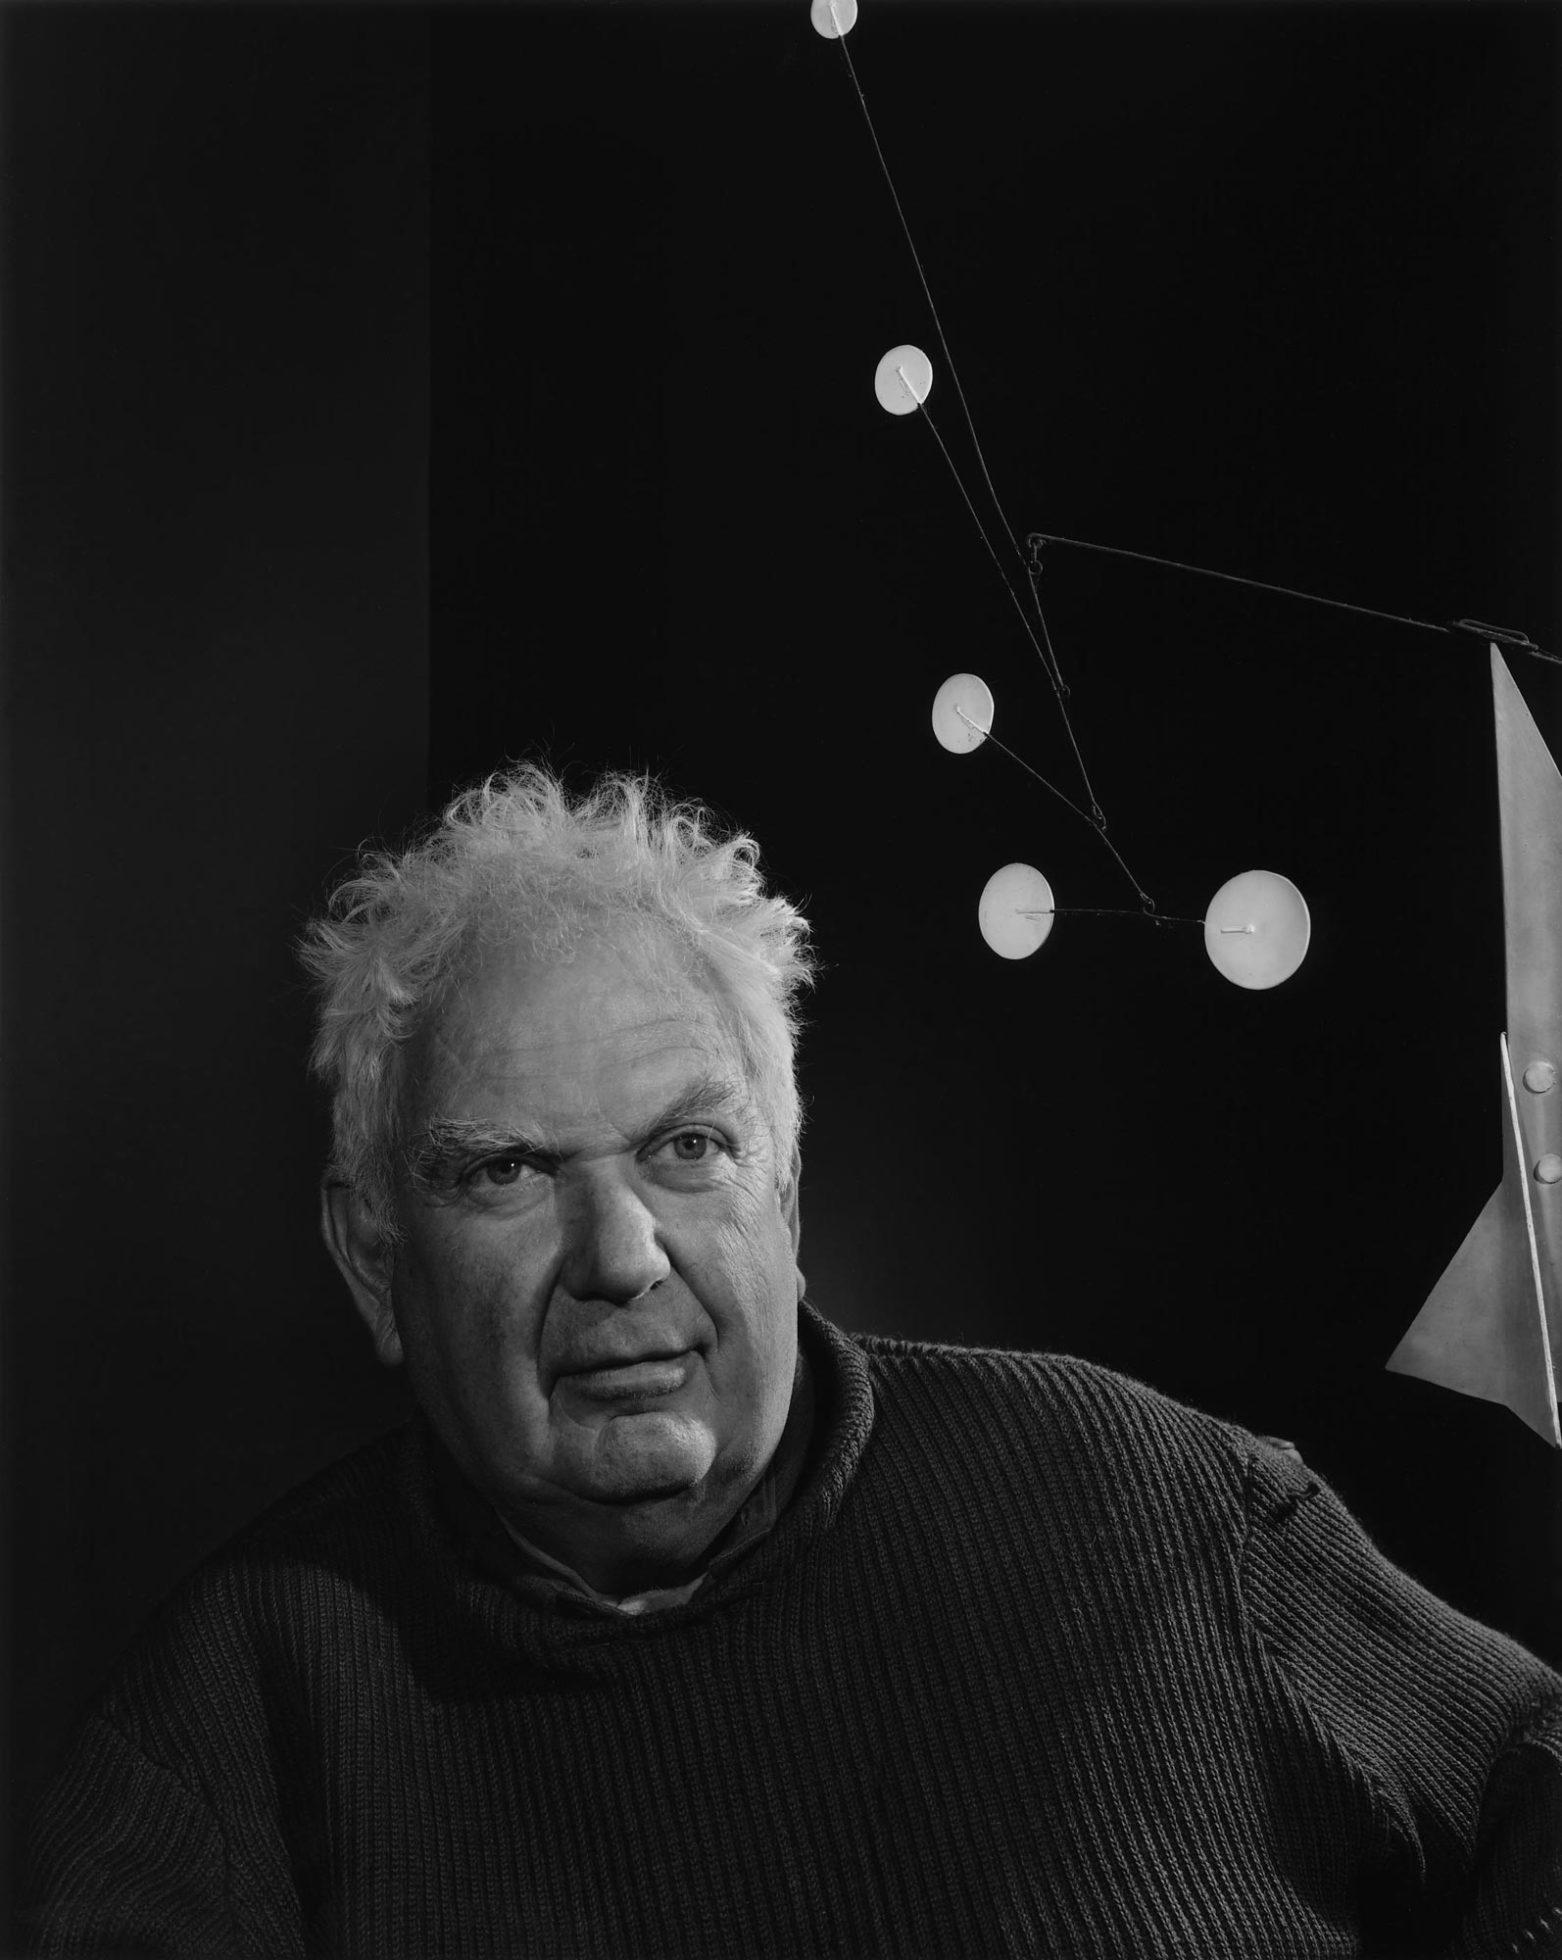 Calder Caps - Maybe a short bio and description of connection to Philadelphia?An ode to artist Alexander Calder (b. 1898)…..Lorem ipsum dolor sit amet, ex numquam inermis deterruisset has, ex dolor oportere repudiare has. Dolore laoreet iudicabit eos ei, te sententiae definiebas sed. Graeci eirmod intellegebat ad per, veri homero eum ad, vim postulant elaboraret ne. His justo appareat ad. Primis antiopam eos ne. Viris choro concludaturque ex est, pri ut illud nemore repudiandae.Blandit delicata at vis, electram consectetuer ne has, in quo amet nisl doctus. Eam tota essent maiestatis ea, pri et novum minimum. Hinc saepe ius et, eu semper molestie pri. Usu at dicant